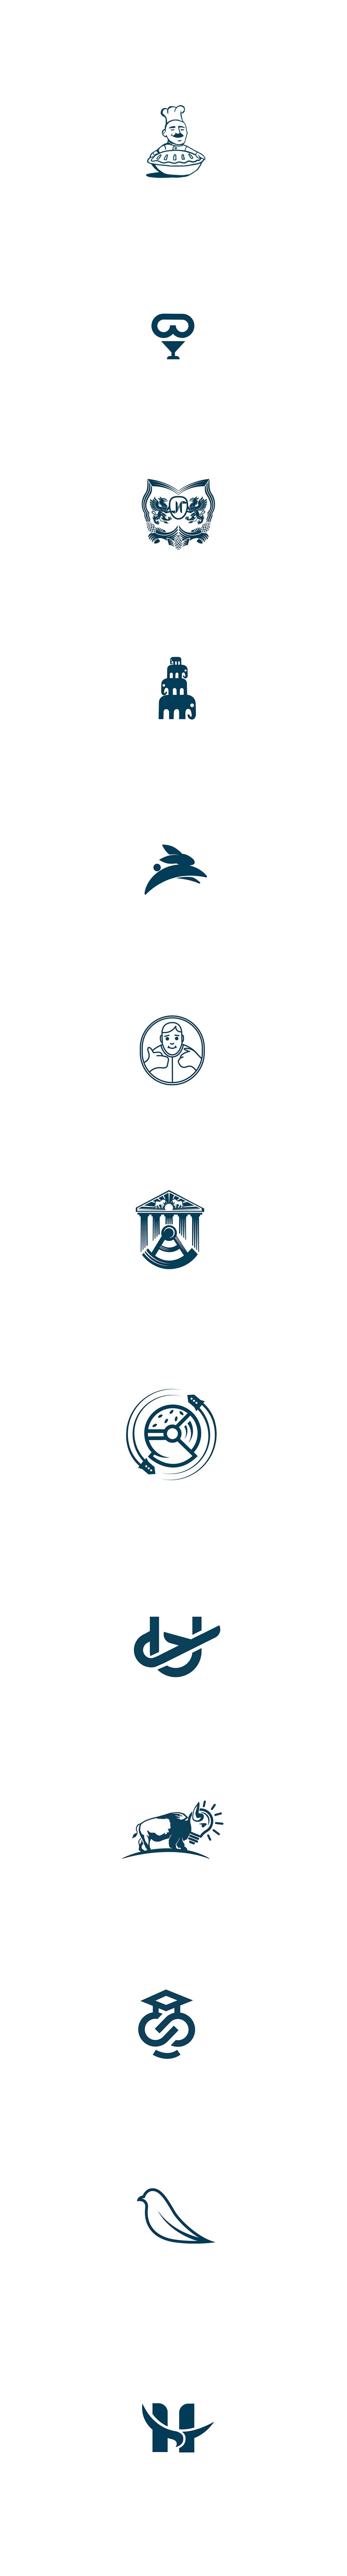 лого 2019